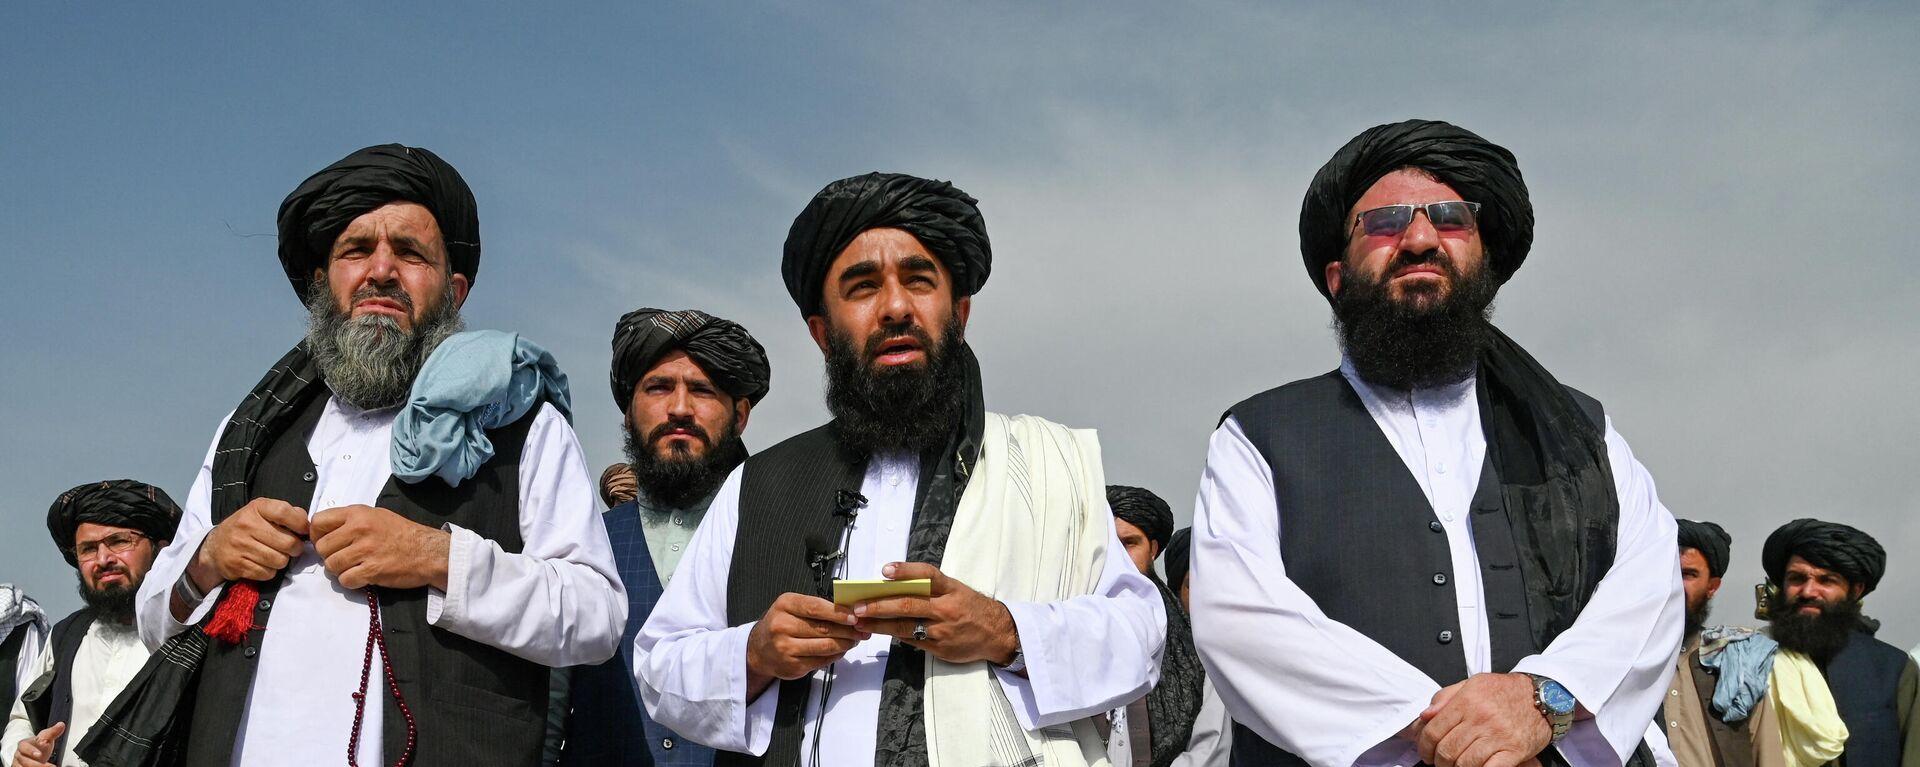 Представитель Талибана Забихулла Муджахид (в центре) обращается к СМИ в аэропорту Кабула - Sputnik Тоҷикистон, 1920, 12.10.2021